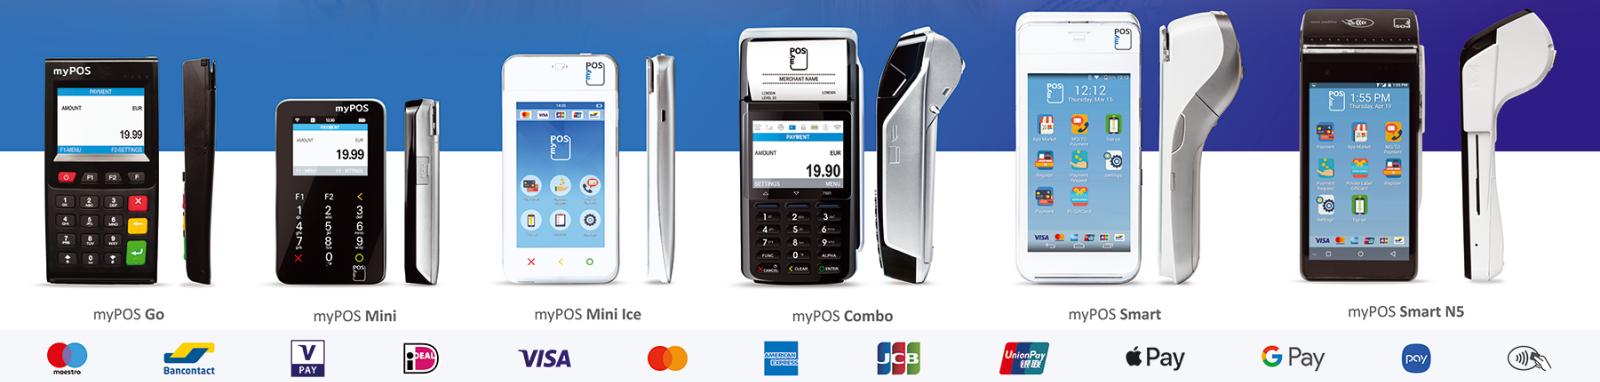 Alle myPOS betaalterminals: GO pinapparaat, Combo betaalterminal, mini betaalautomaat, Smart betaalautomaten en de mini ICE pinapparaten